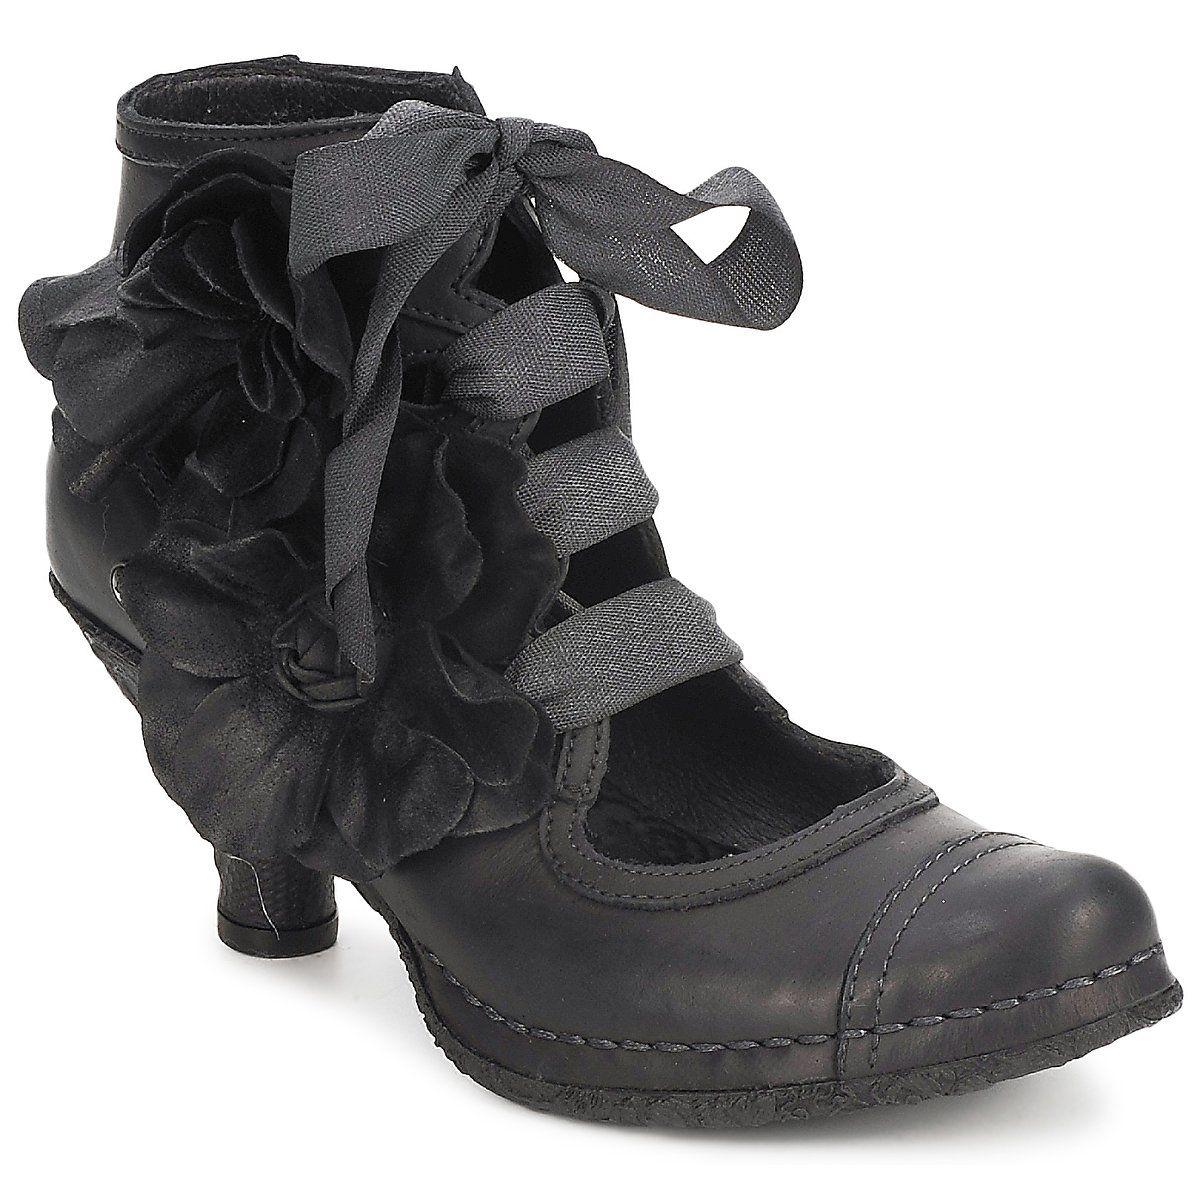 Botines Neosens CROATINA FLOLACE Negro - Entrega gratuita con Spartoo.es ! - Zapatos Mujer 175,00 €